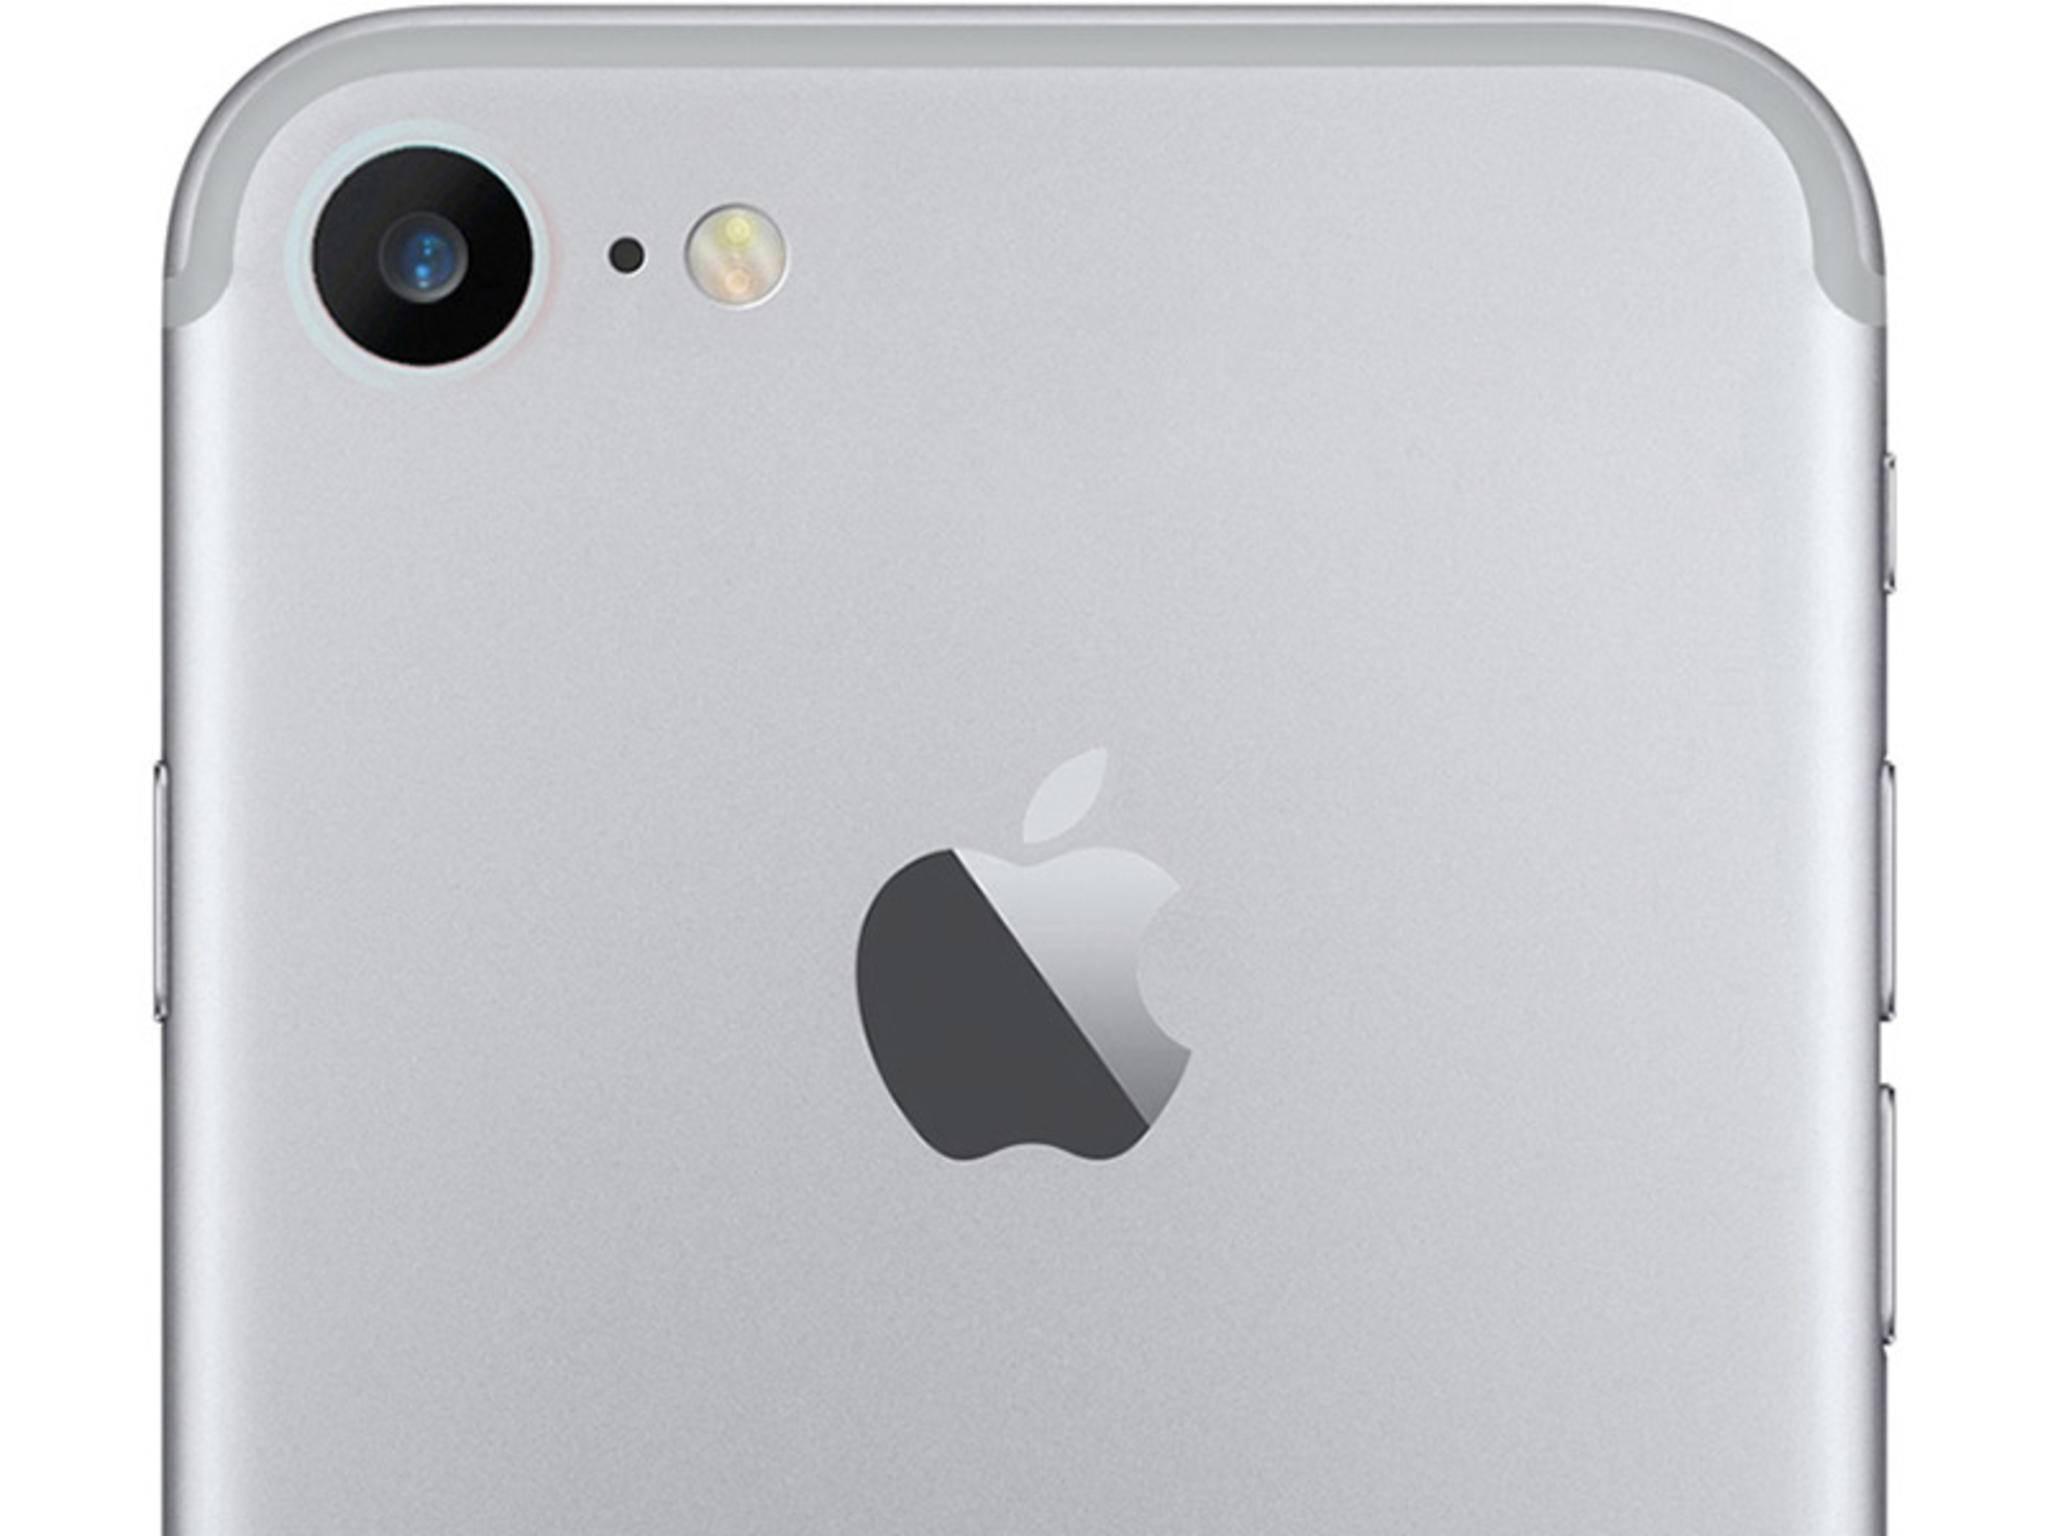 Das iPhone 7 könnte eine deutlich größere Kamera bekommen.